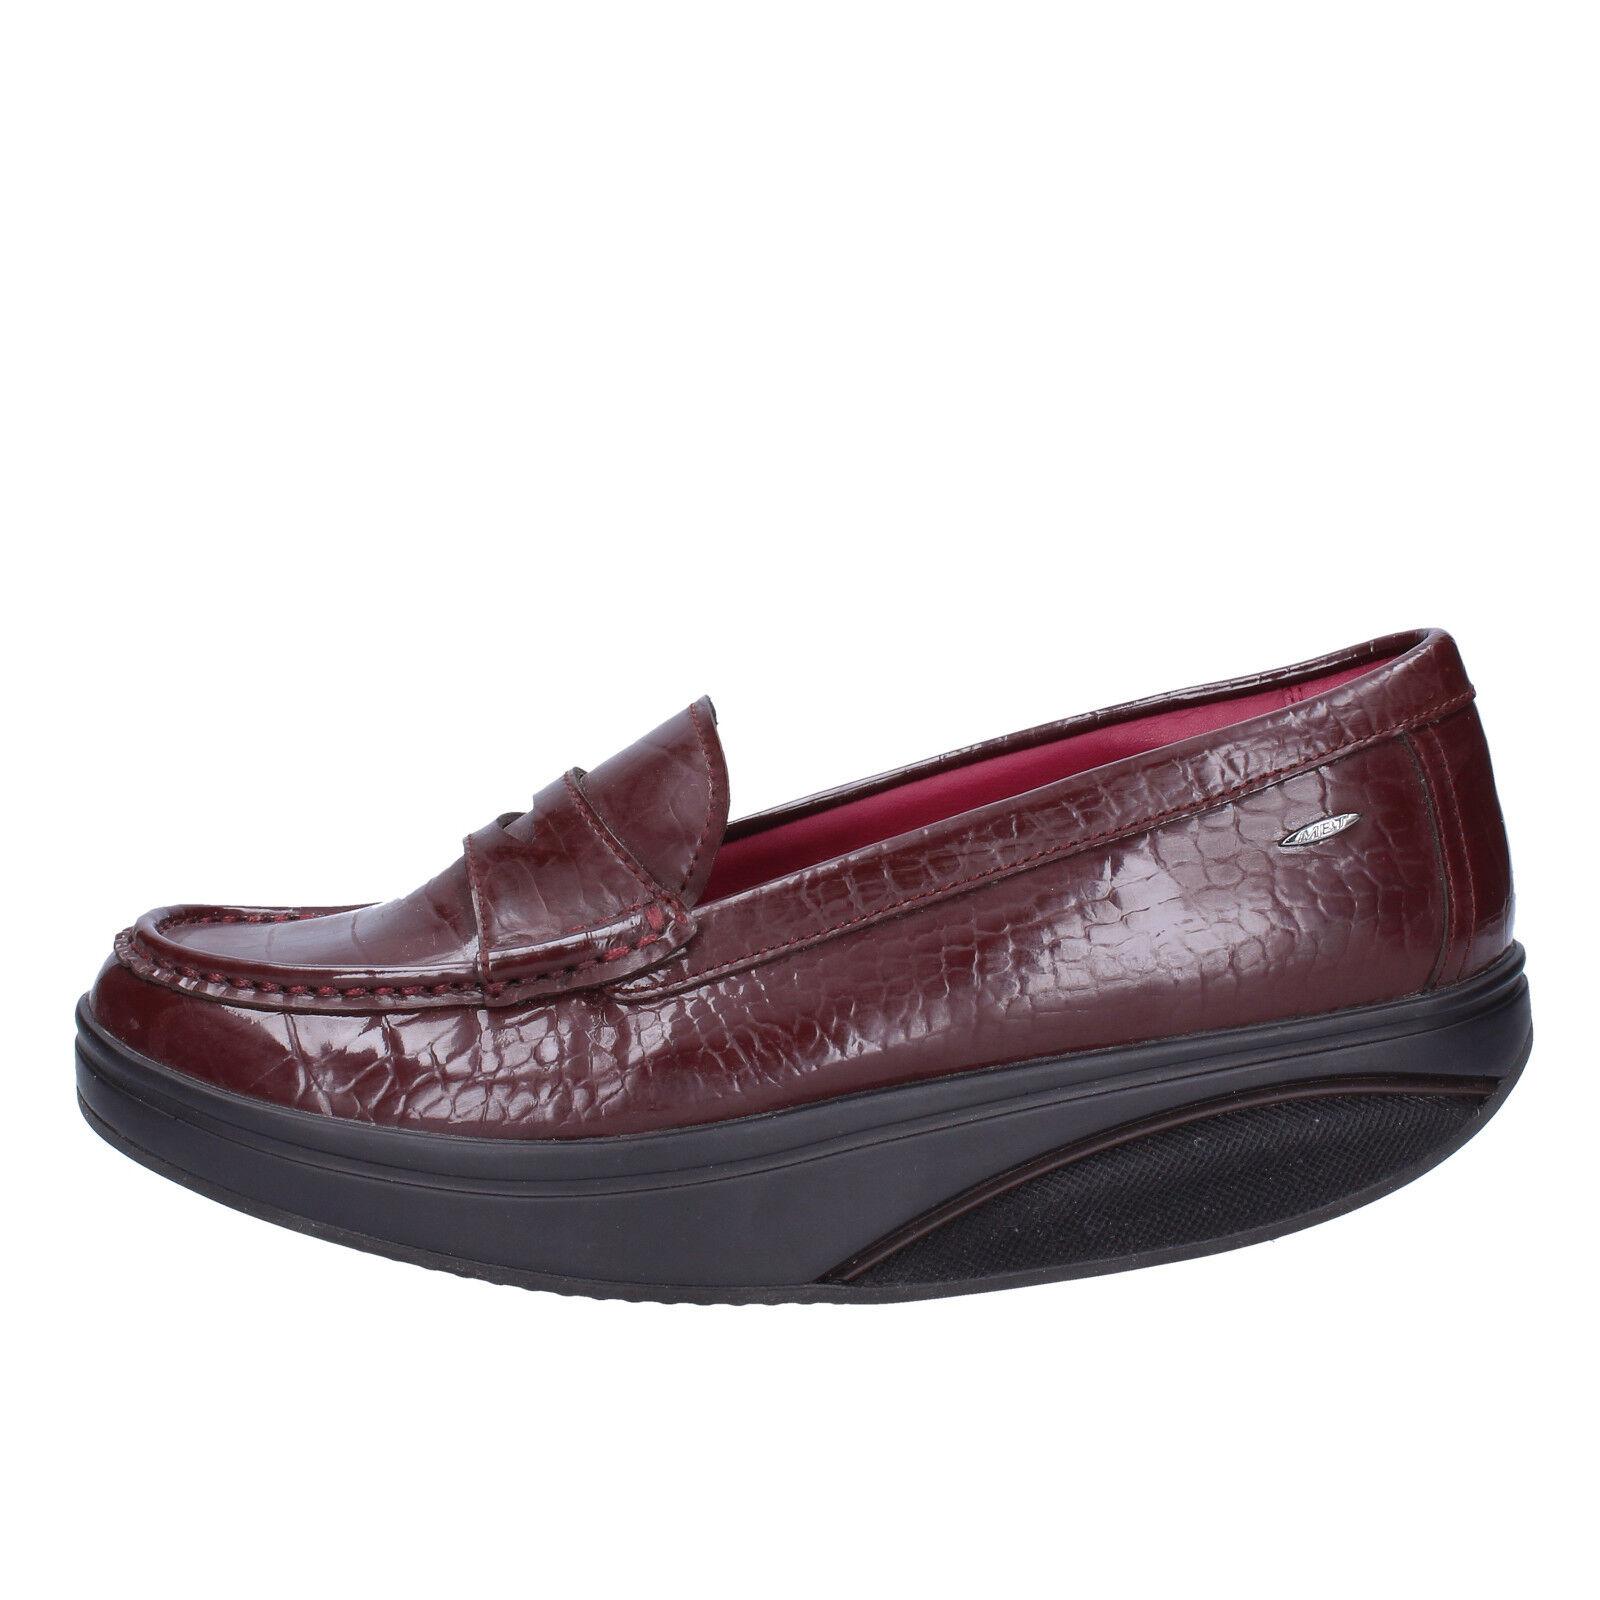 100% di contro garanzia genuina Donna  scarpe MBT 6   6,5 6,5 6,5 (EU 37) loafers Marrone patent leather AB214-37  salutare